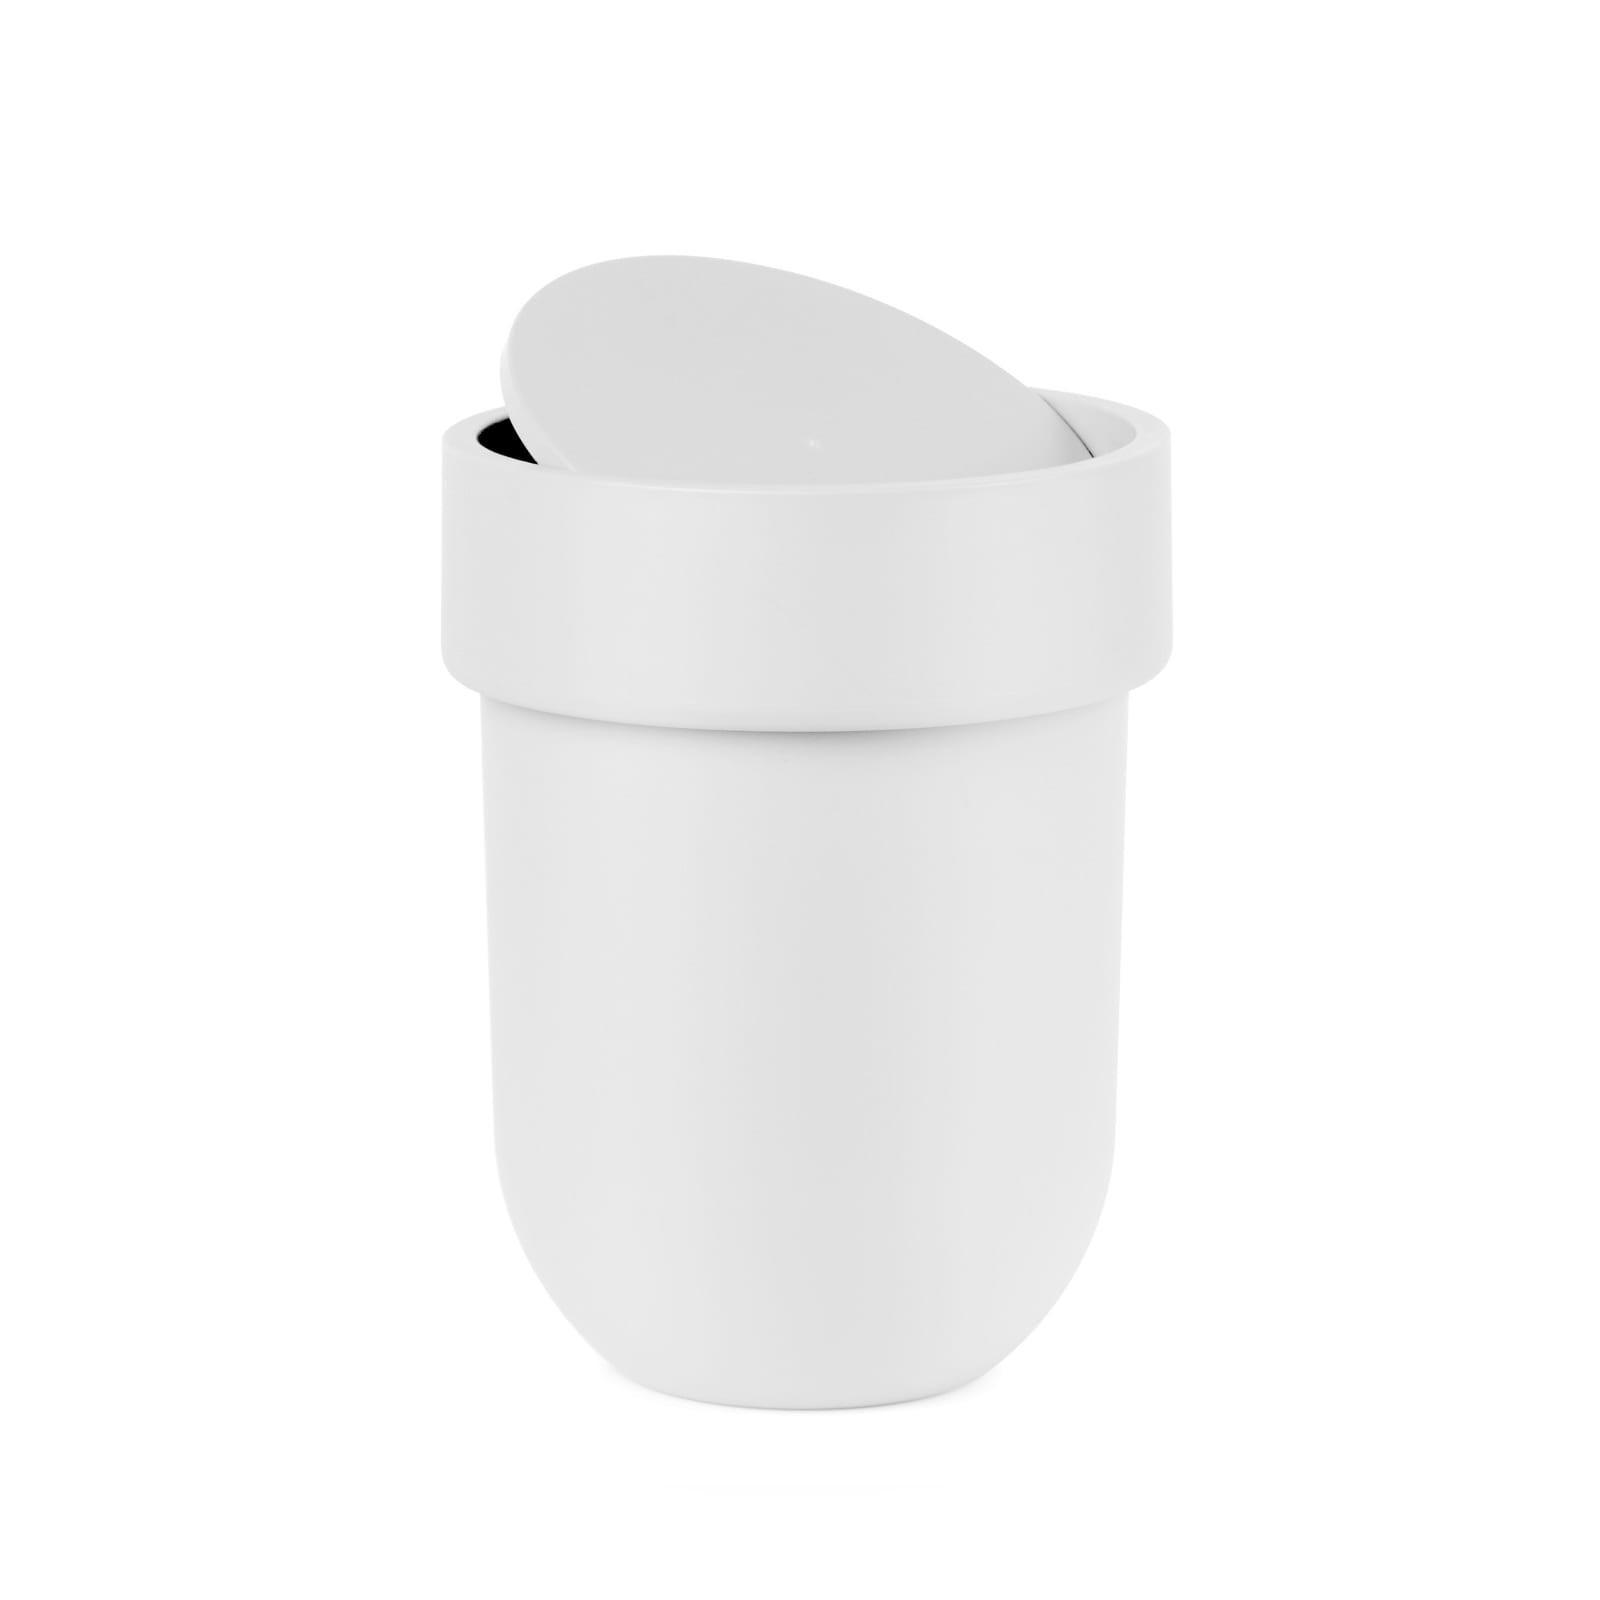 Κάδος Απορριμάτων Μπάνιου Touch 6 Λίτρα (Λευκό) - Umbra